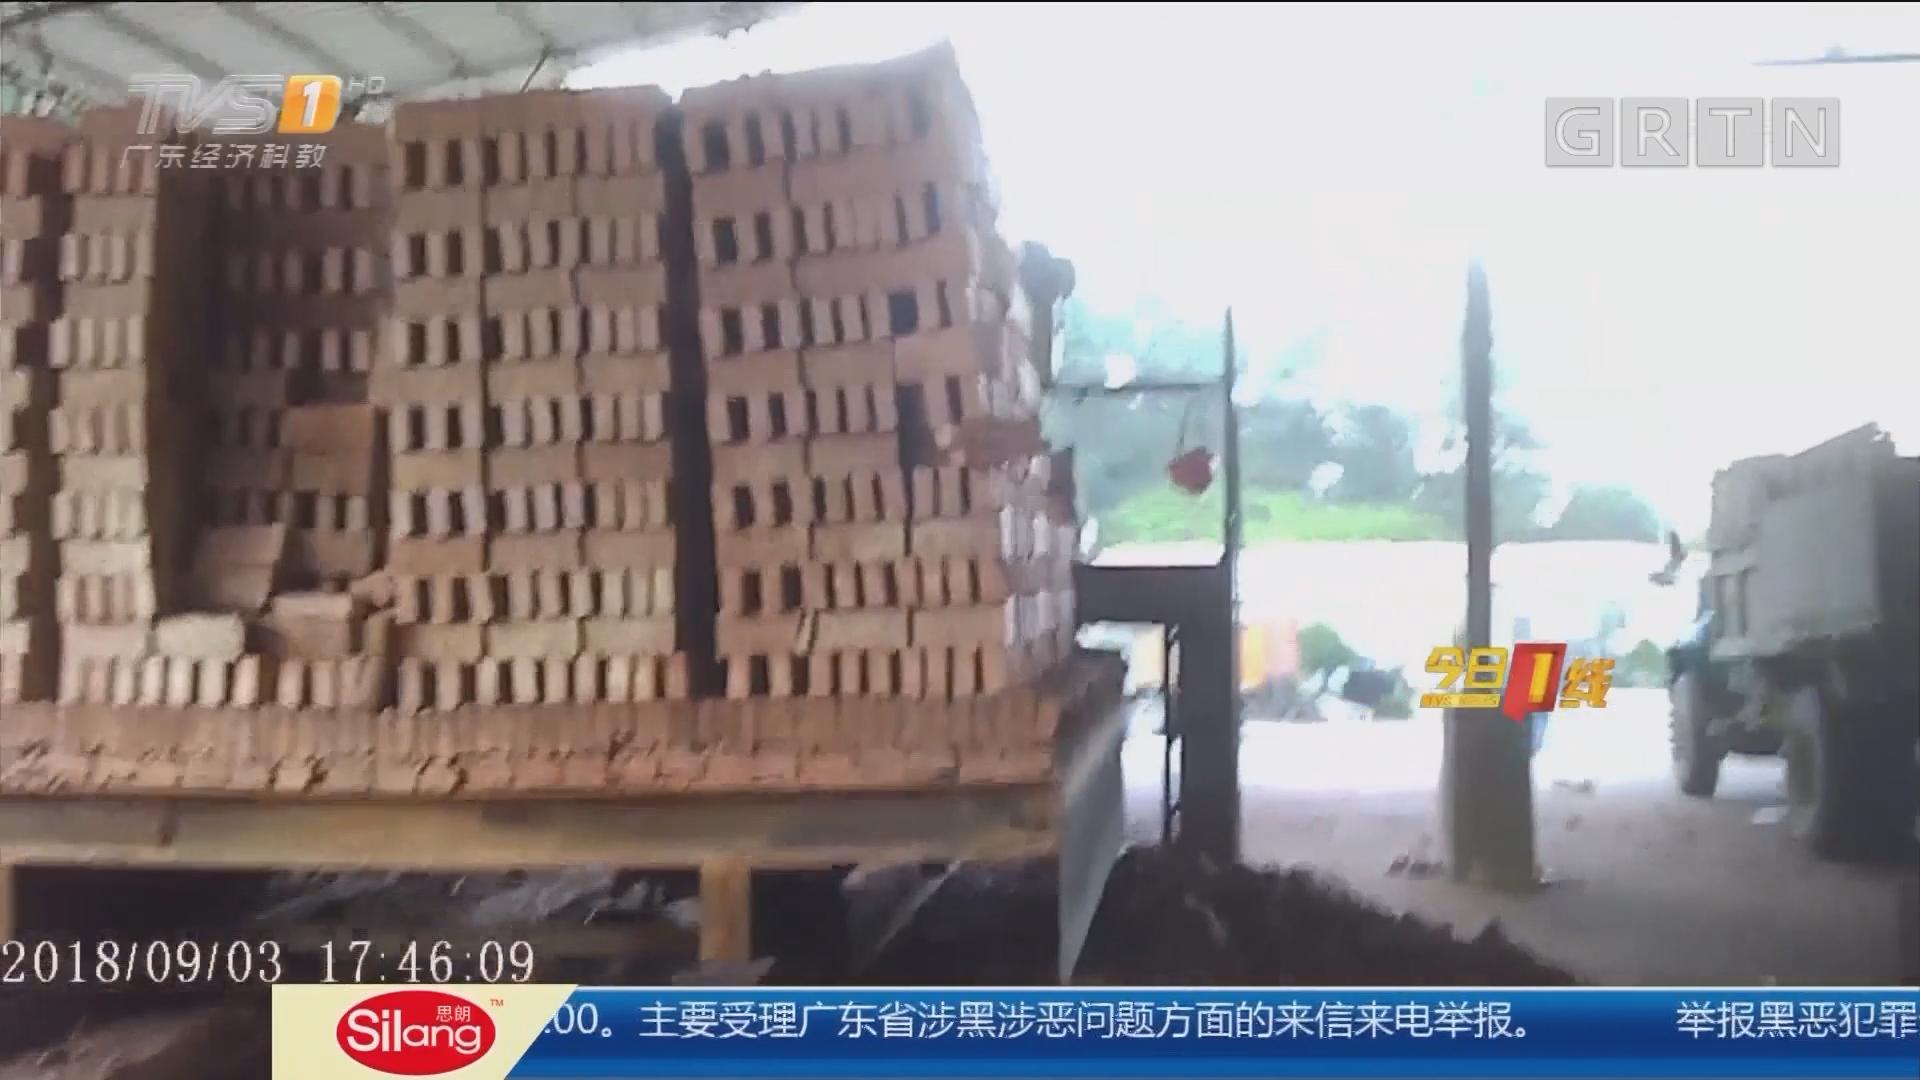 """一线独家:梅州丰顺 """"违规红砖厂""""调查 禁止生产的红砖 烟雾弥漫顶风开工?"""